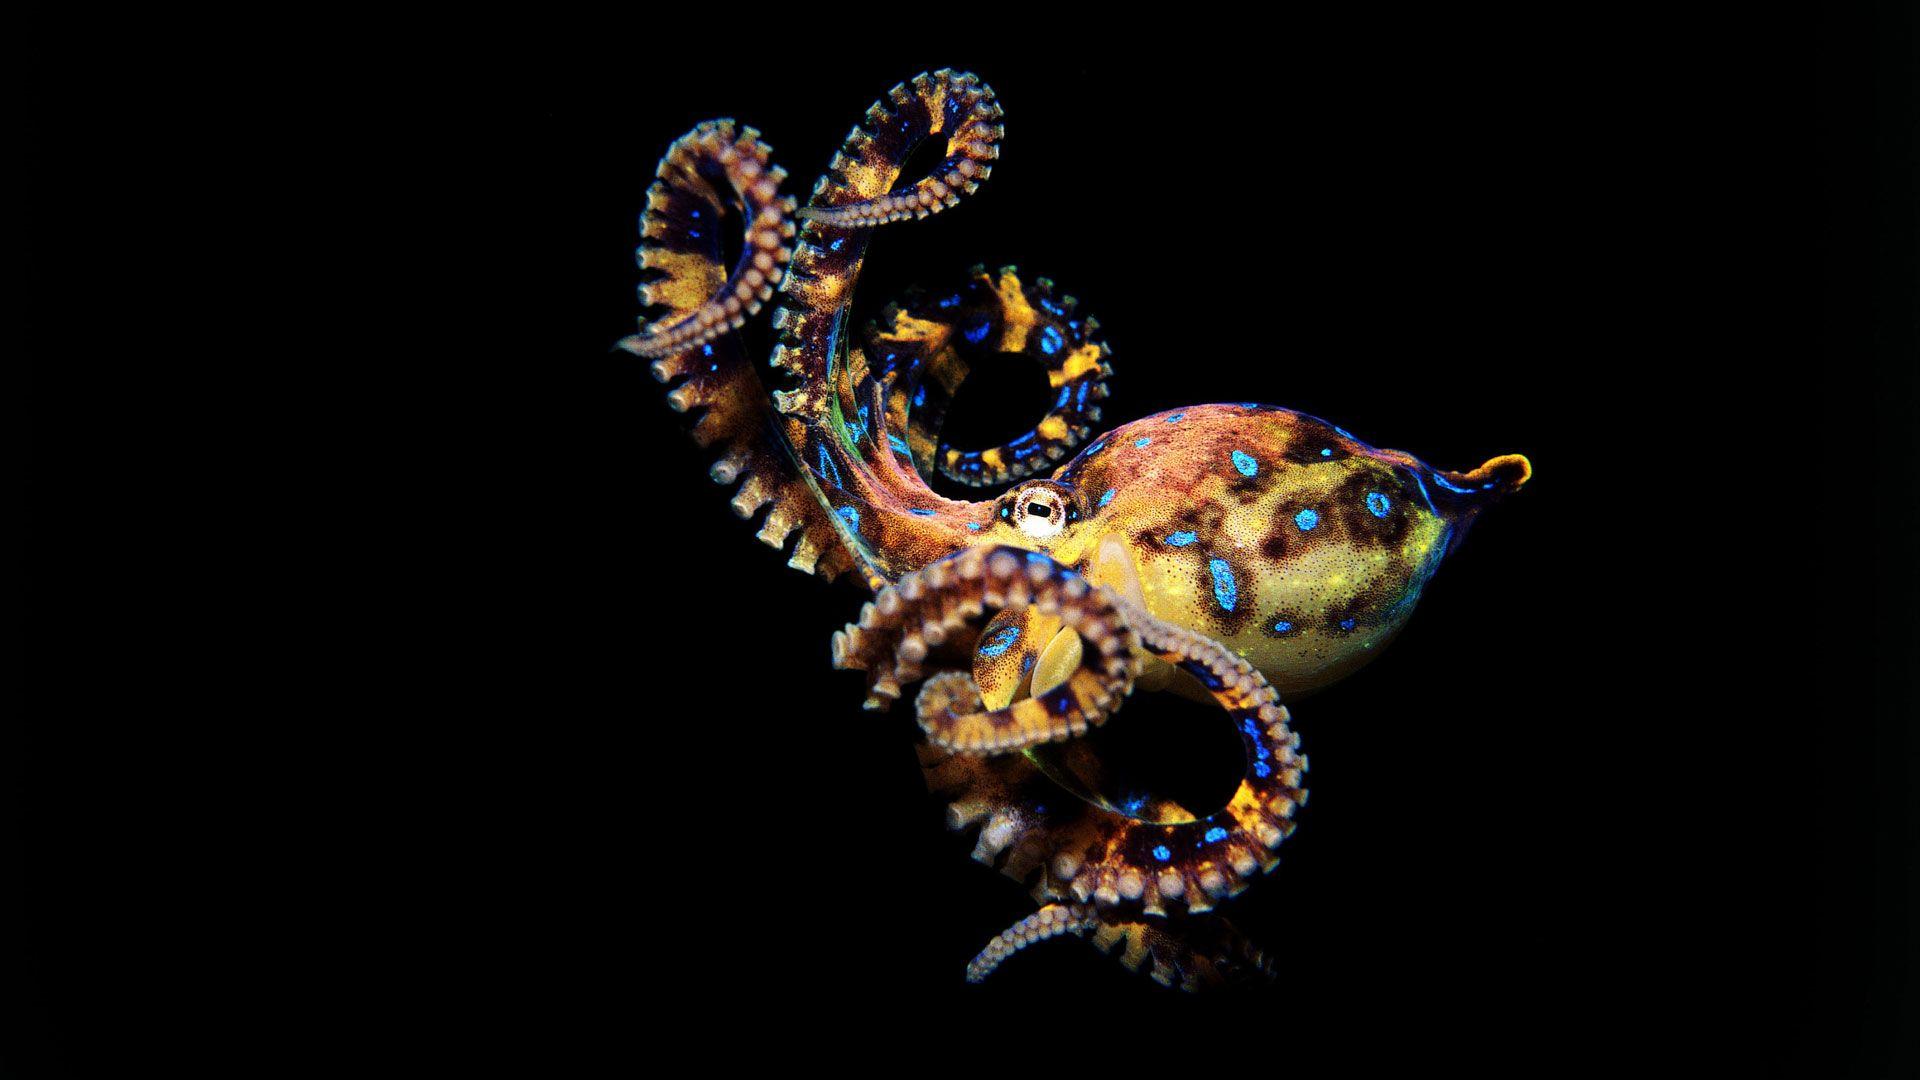 Cinacalcet Octopus